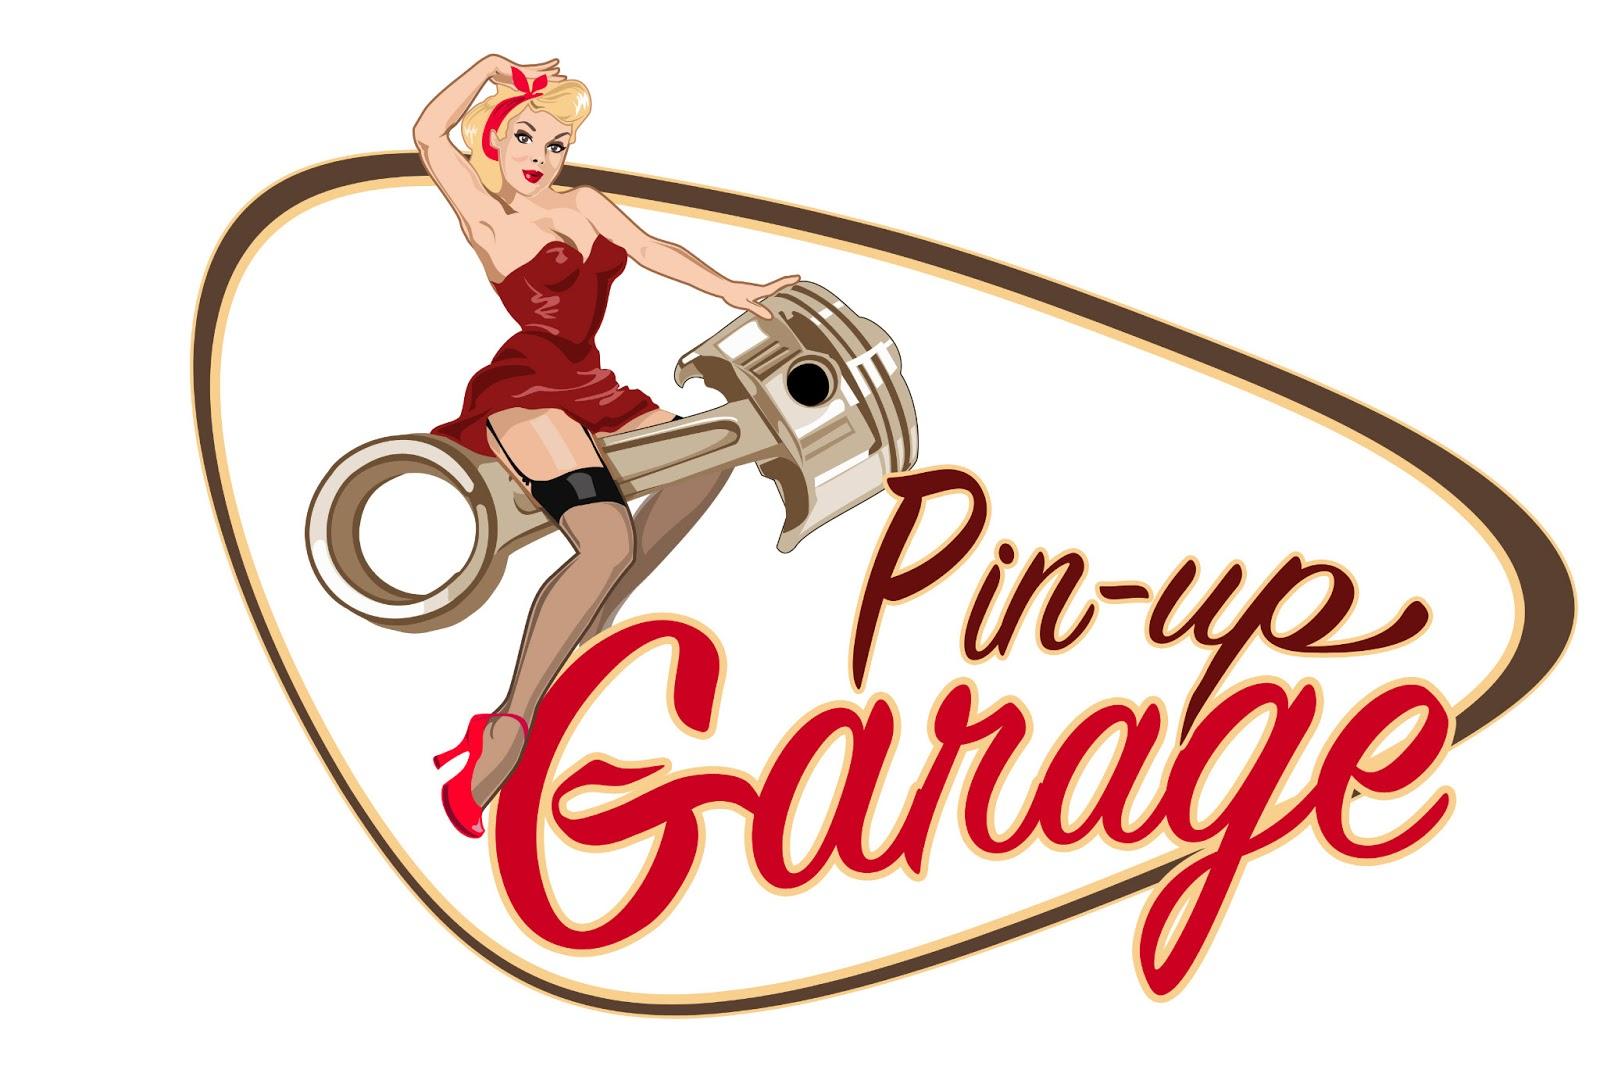 Pin-up Garagea